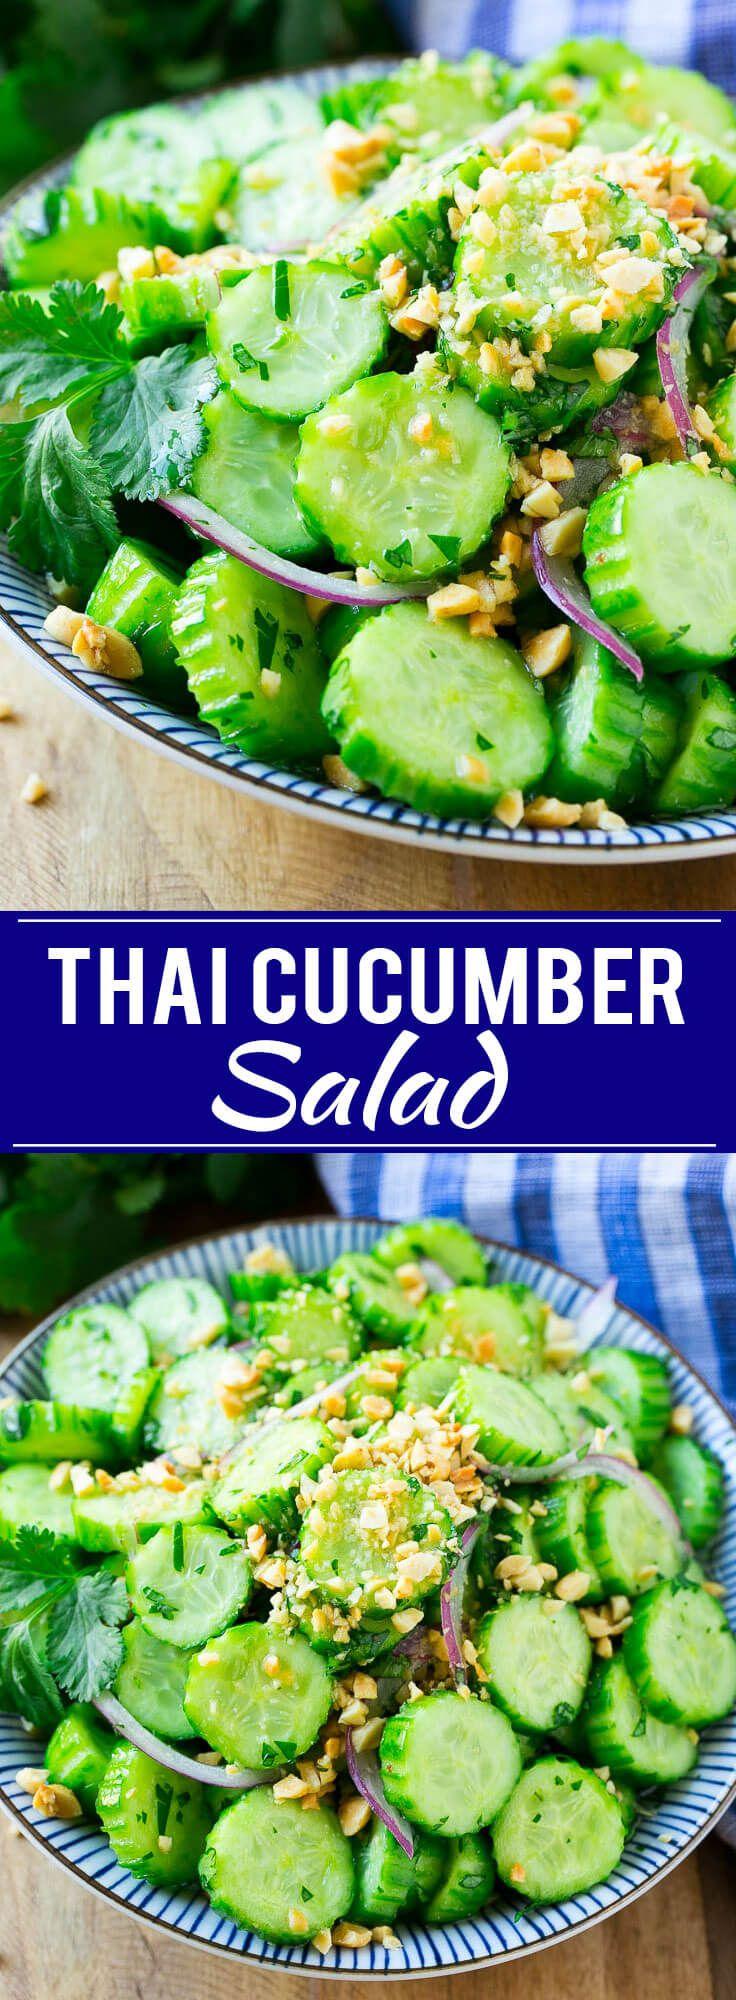 Thai Cucumber Salad | Easy Cucumber Salad | Thai Food | Healthy Salad  Minus sugar use some stevia